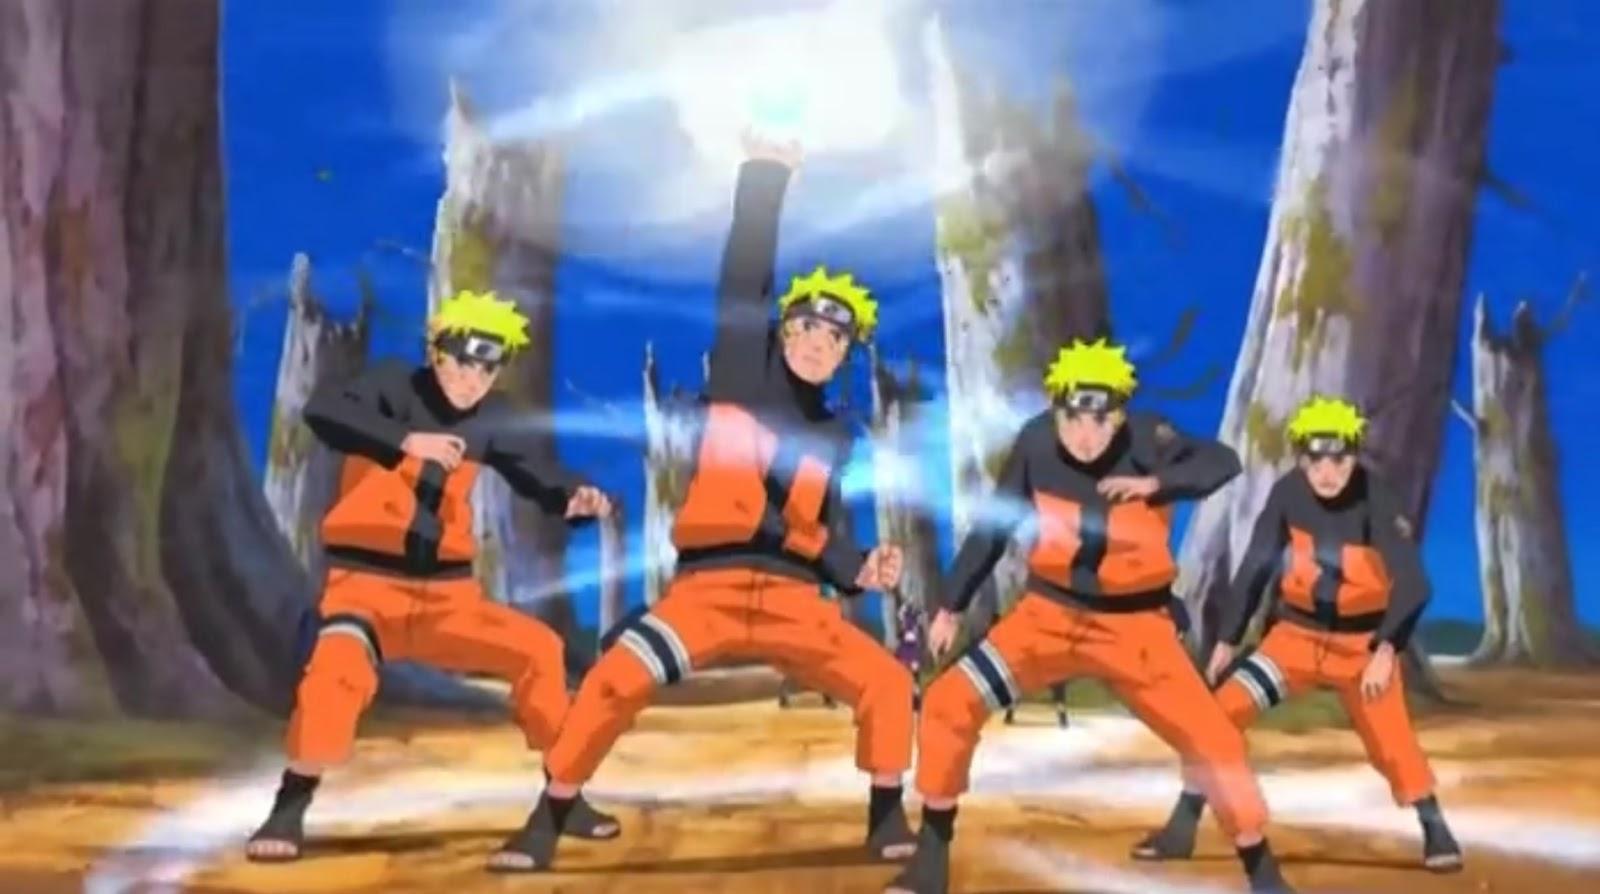 Naruto Shippuden Episódio 88, Assistir Naruto Shippuden Episódio 88, Assistir Naruto Shippuden Todos os Episódios Legendado, Naruto Shippuden episódio 88,HD